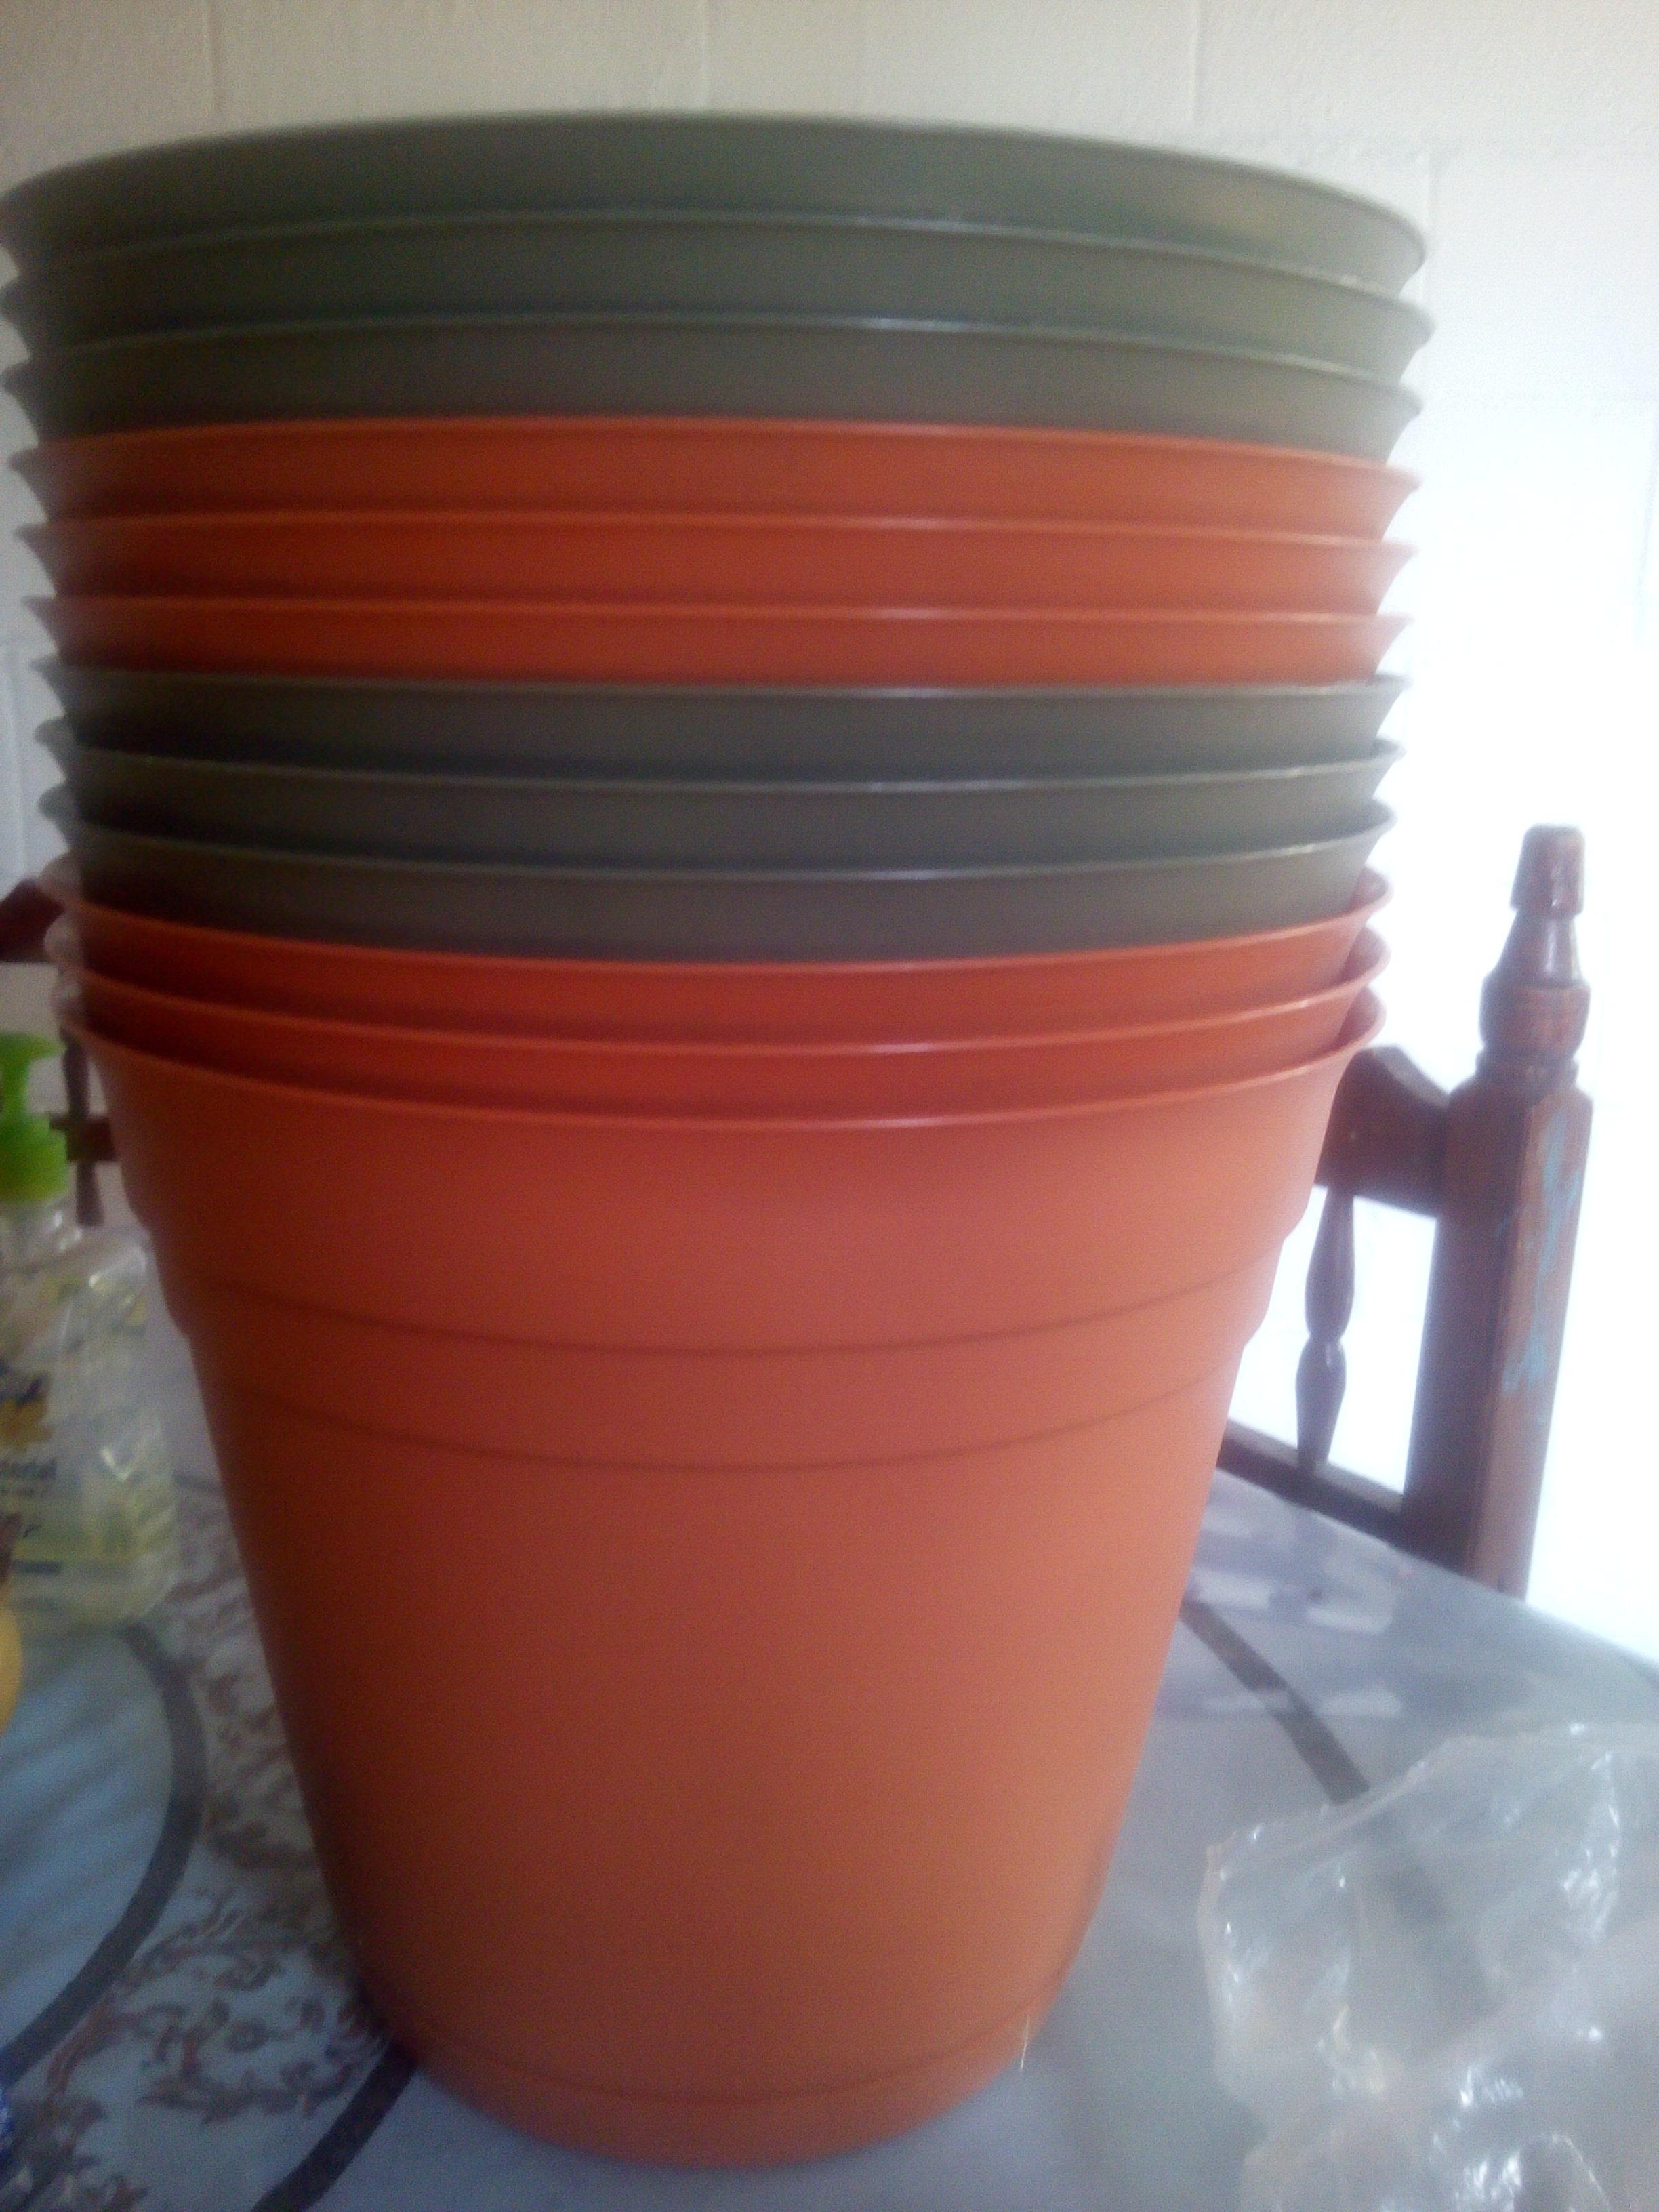 Bodega Aurrerá: Liquidaciones en el departamento de Jardinería: Macetas y fertilizante